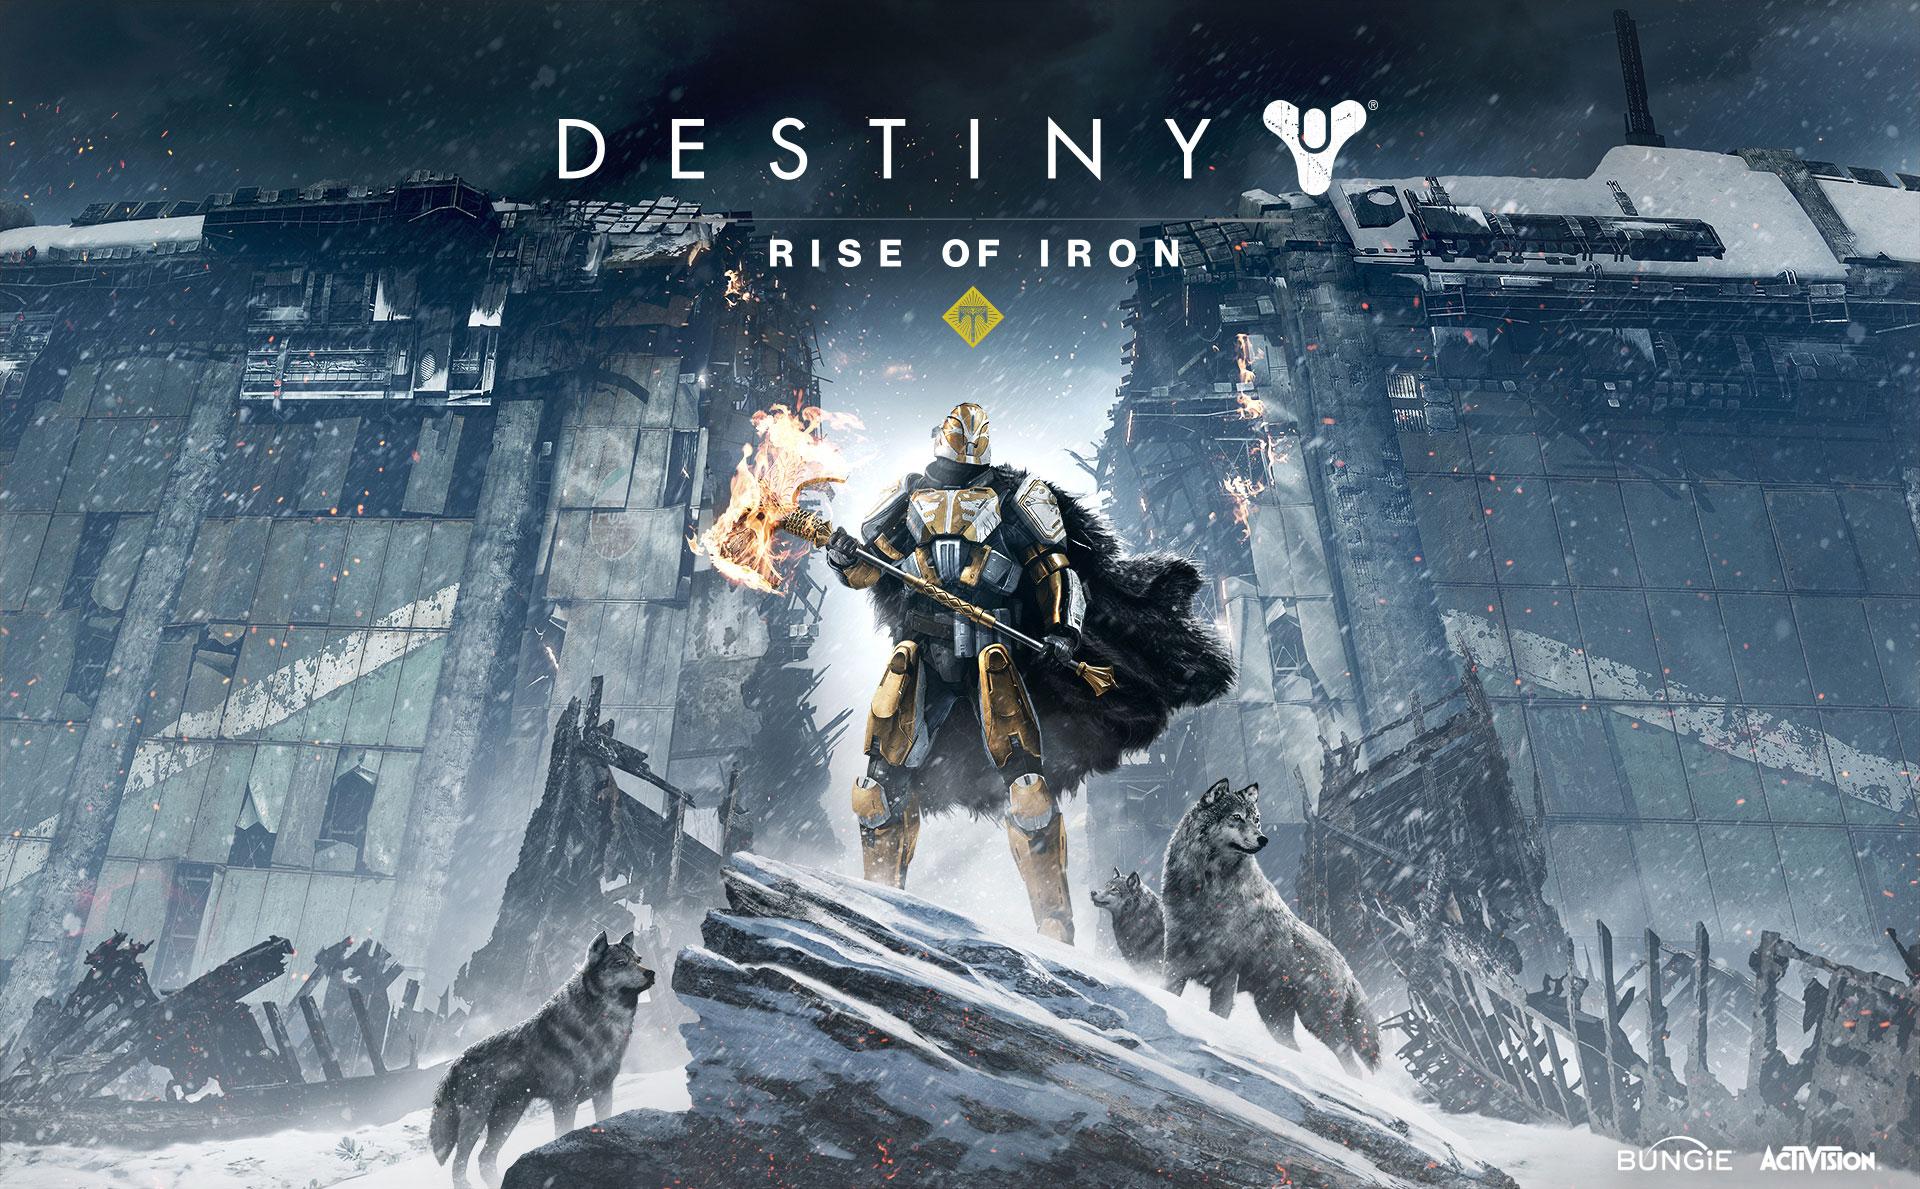 """Als zweite große """"Destiny""""-Erweiterung bringt das """"Erwachen der Eisernen Lords"""" mit den Pestlanden einen riesigen neuen Schauplatz, außerdem stehen neue Missionen und Public Events an. Auch Story-Fans kommen auf ihre Kosten • ab 20.09. für PS4, Xbox One"""